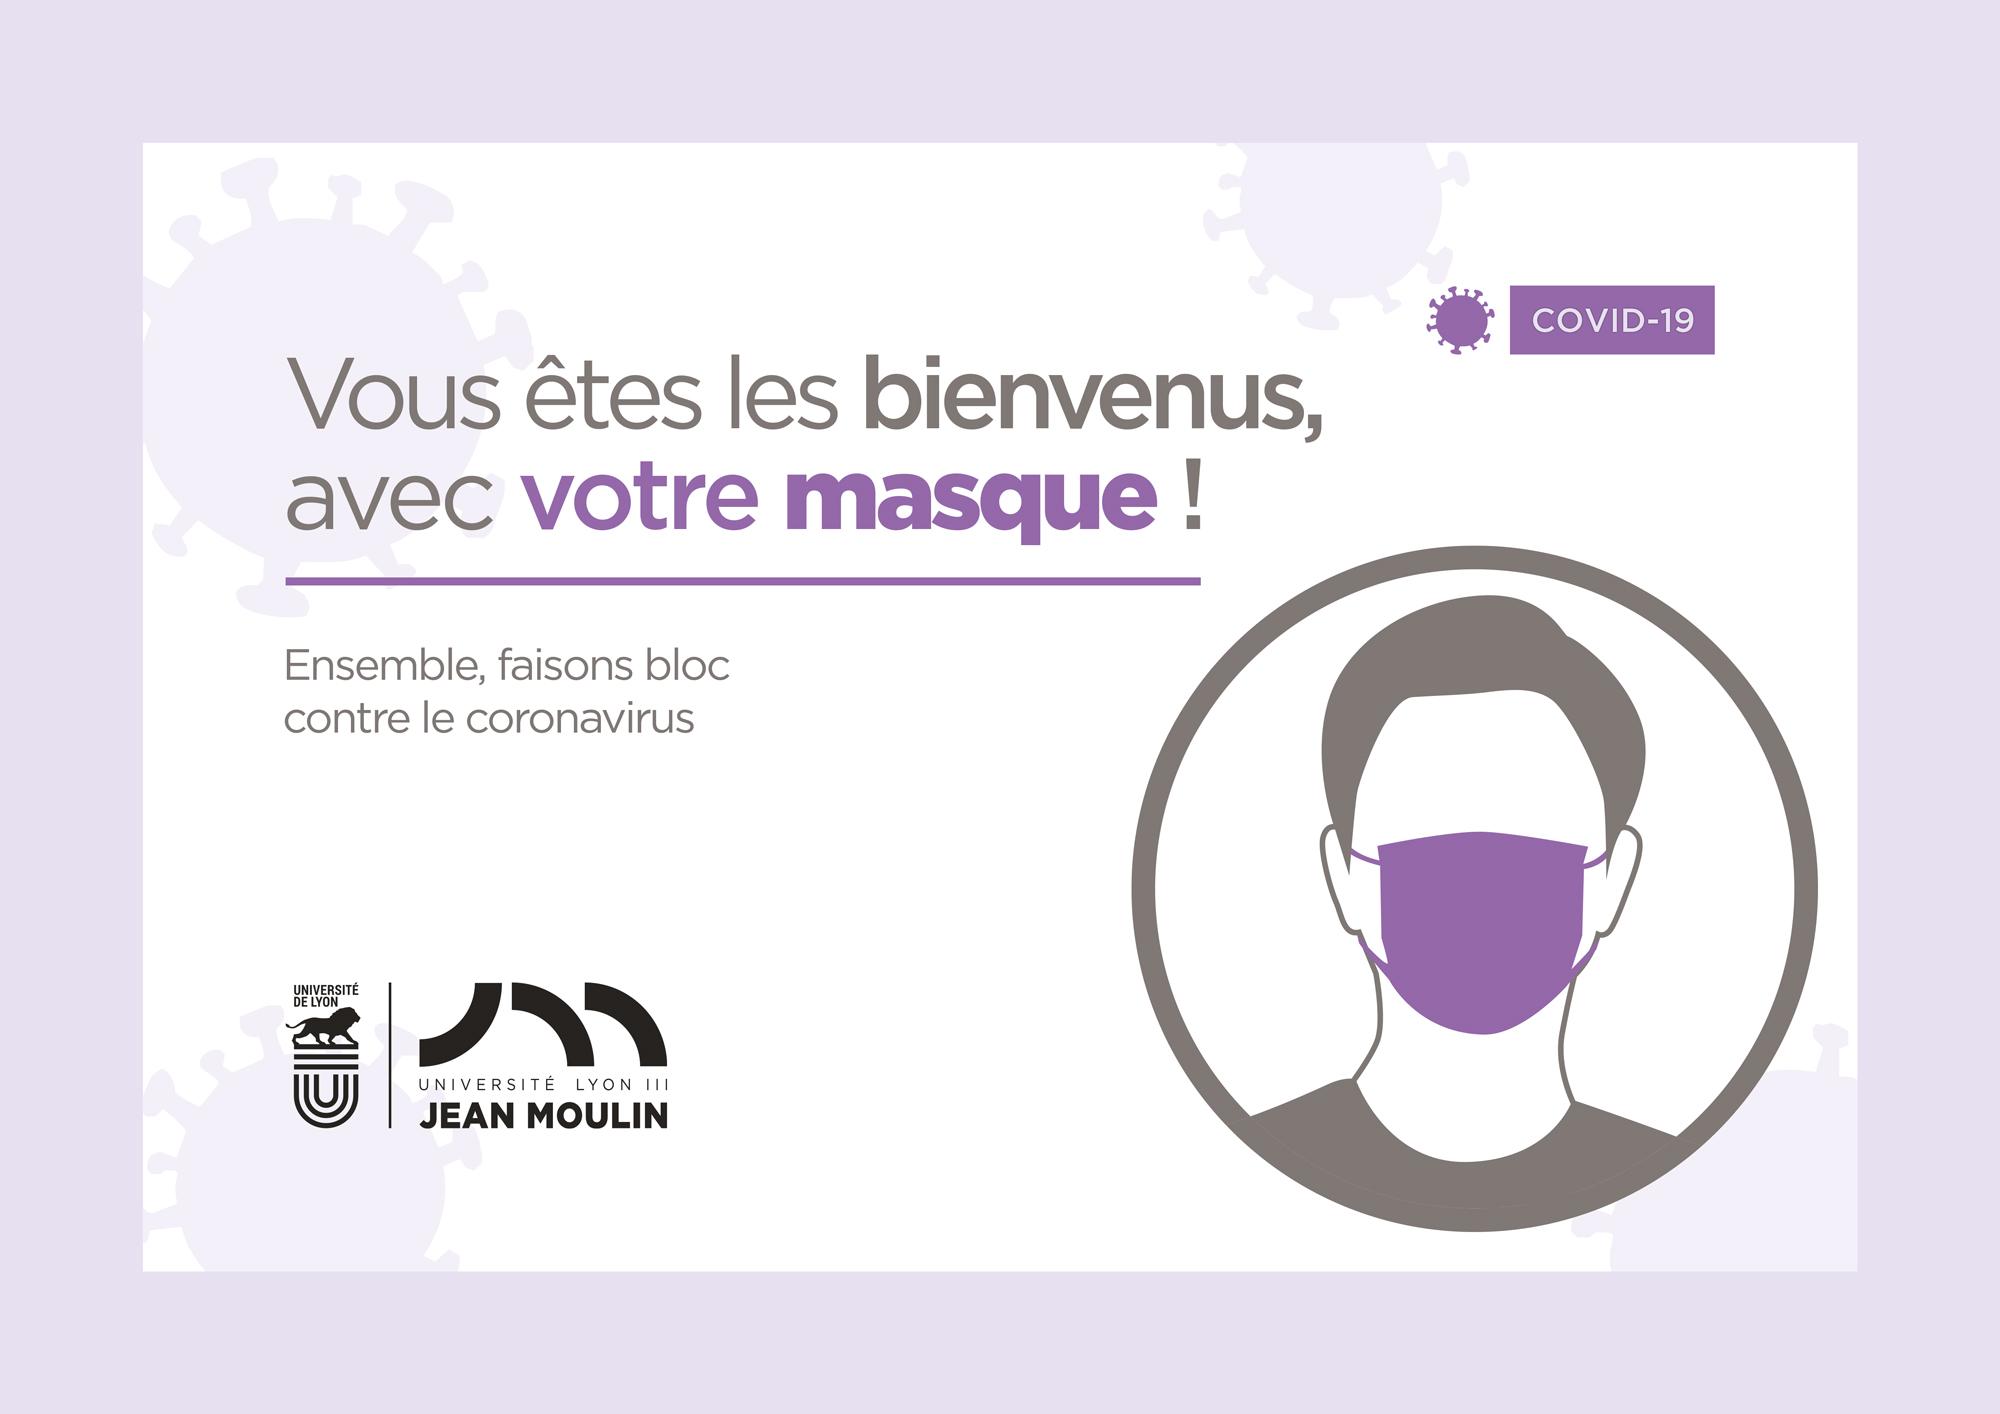 Affiche Masque Lyon 3